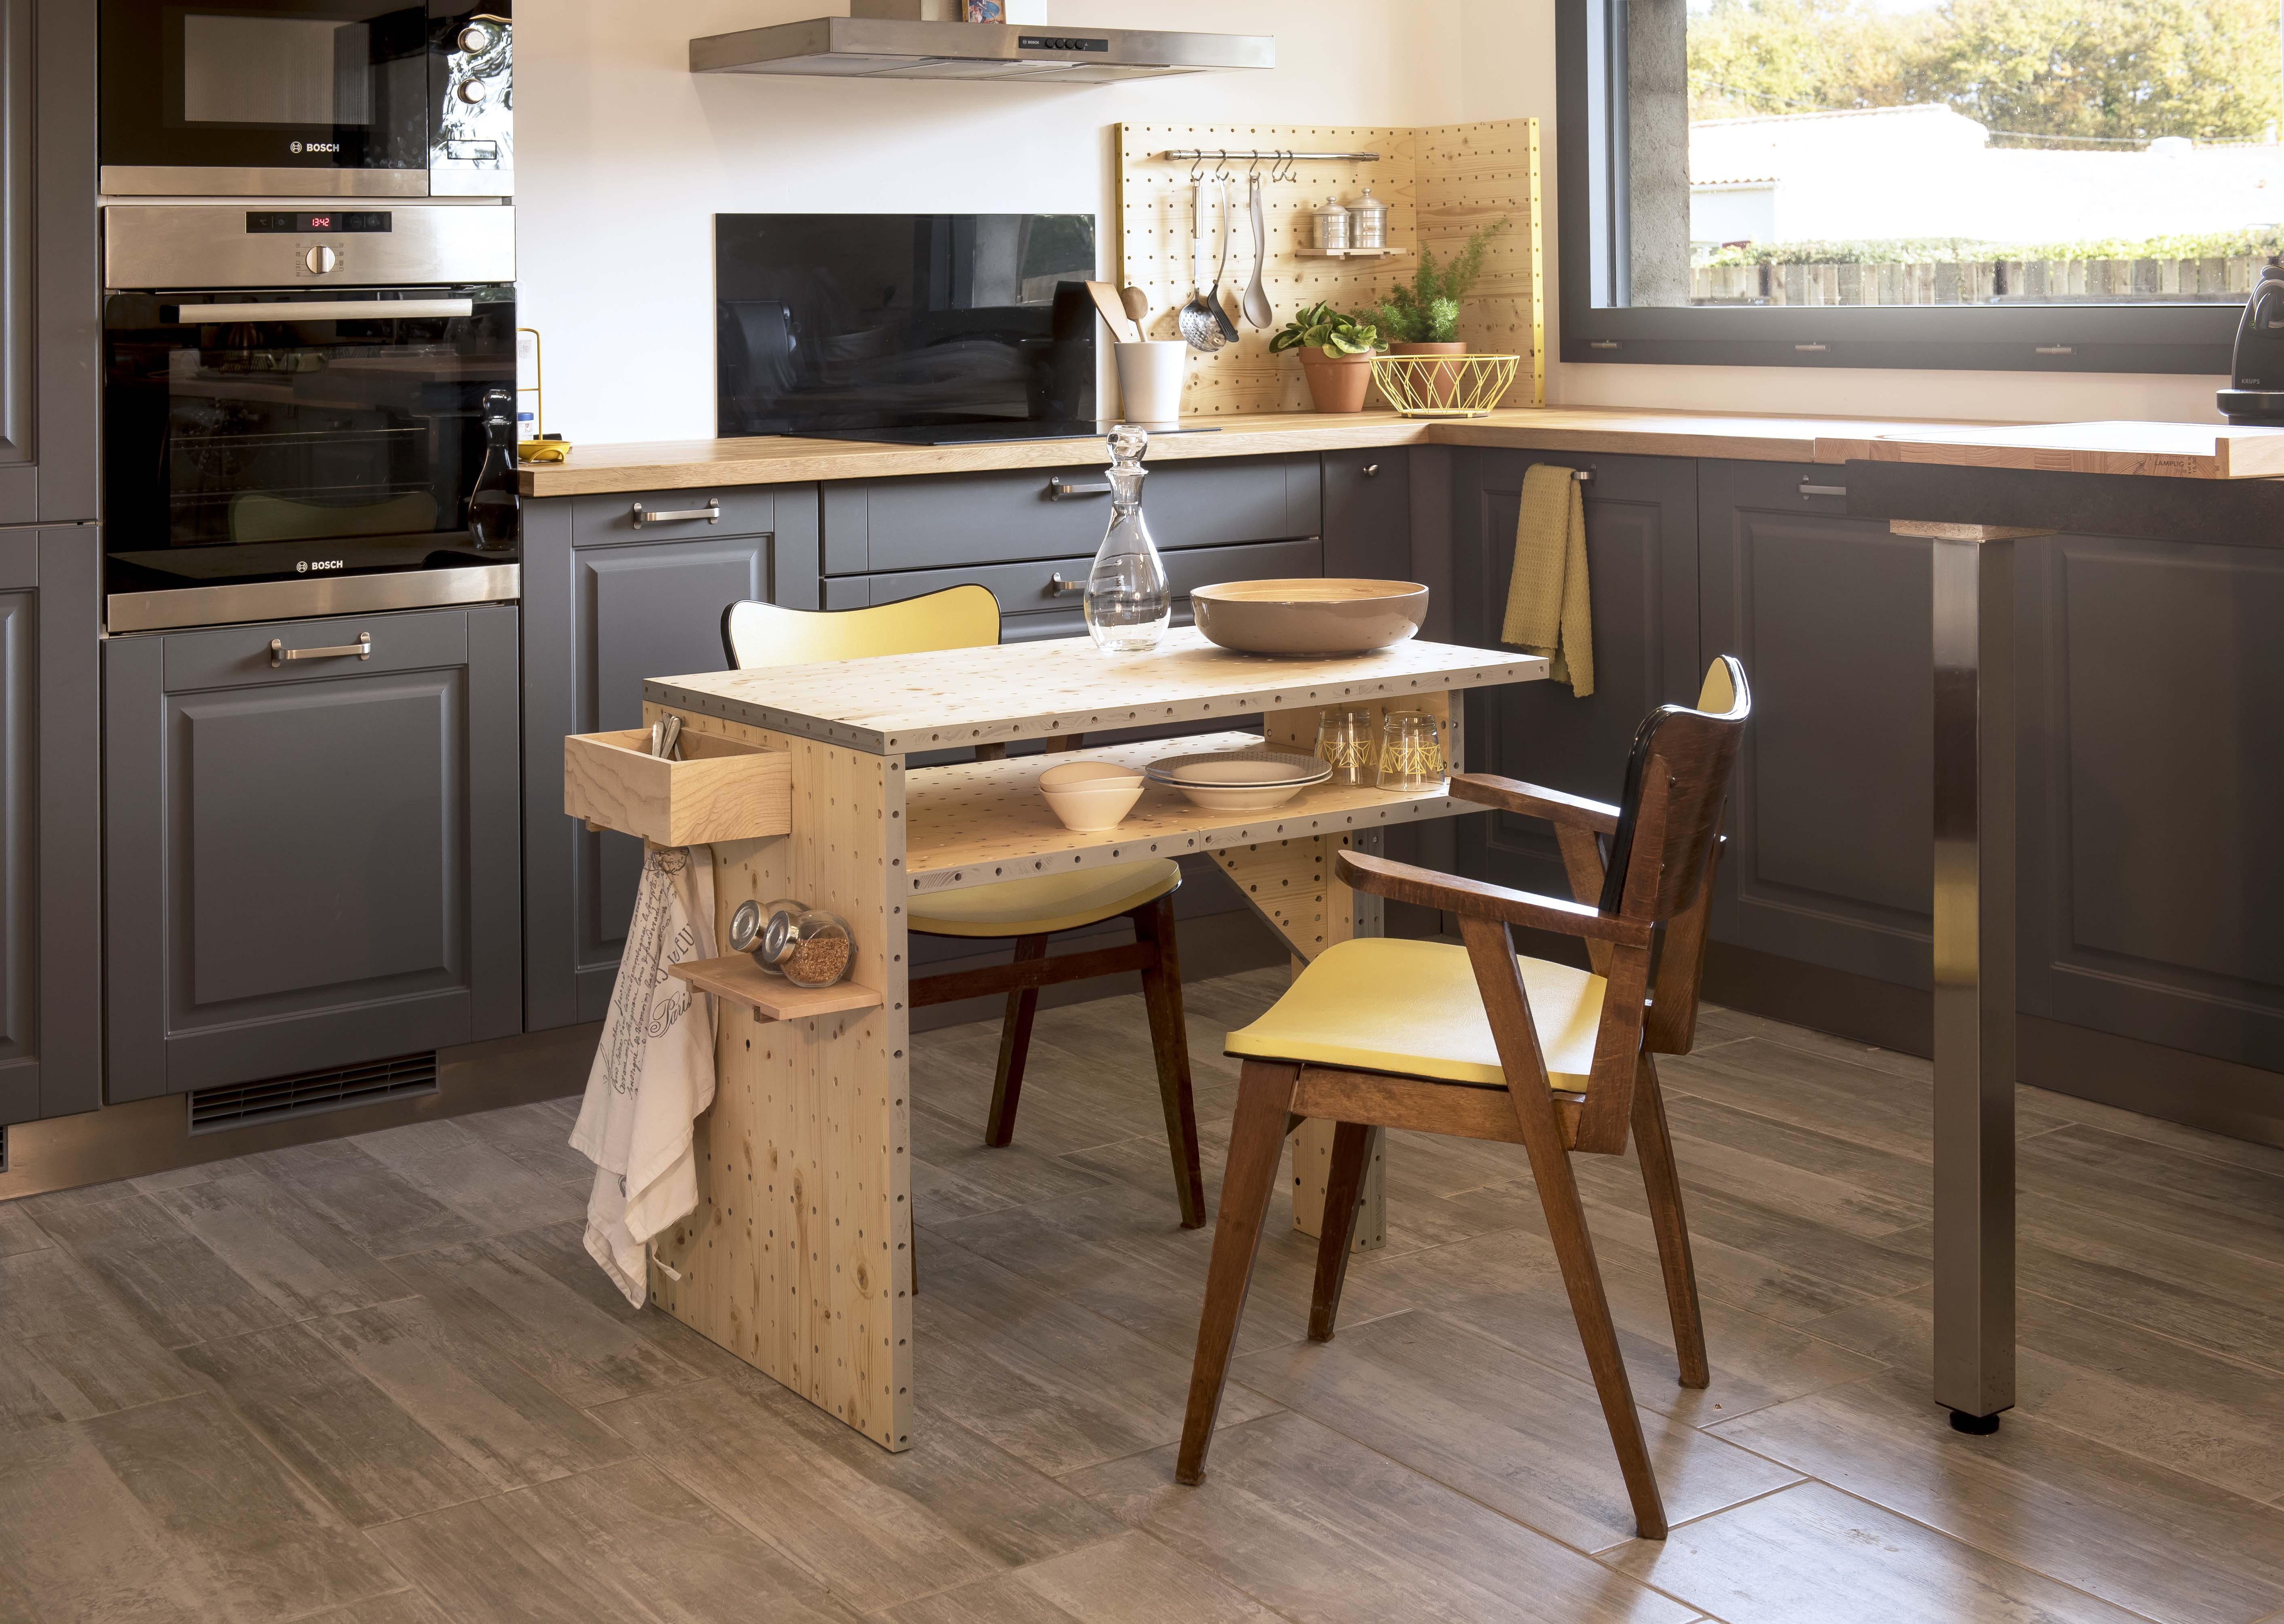 atelier du meuble vertou montagexen kit tabouret publi uvertou coiffeursu maisons les. Black Bedroom Furniture Sets. Home Design Ideas